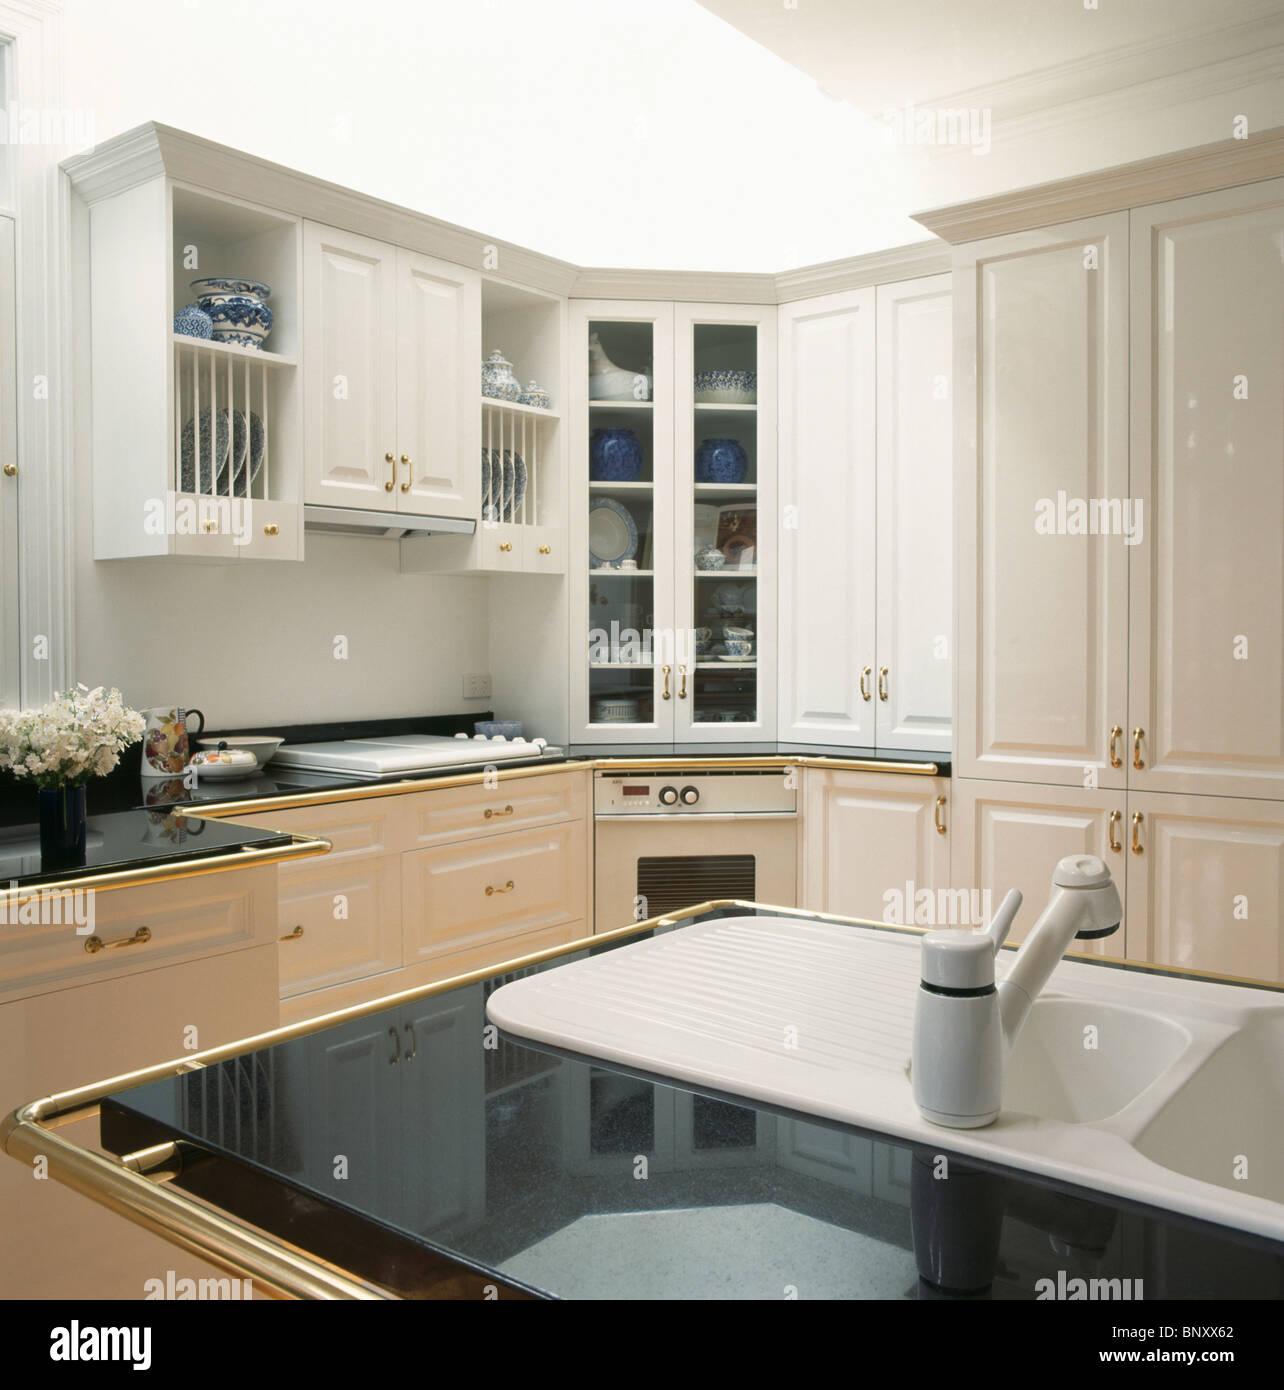 White Marble Kitchen Worktops: White Corian Sink In Black Granite Worktop In Modern White